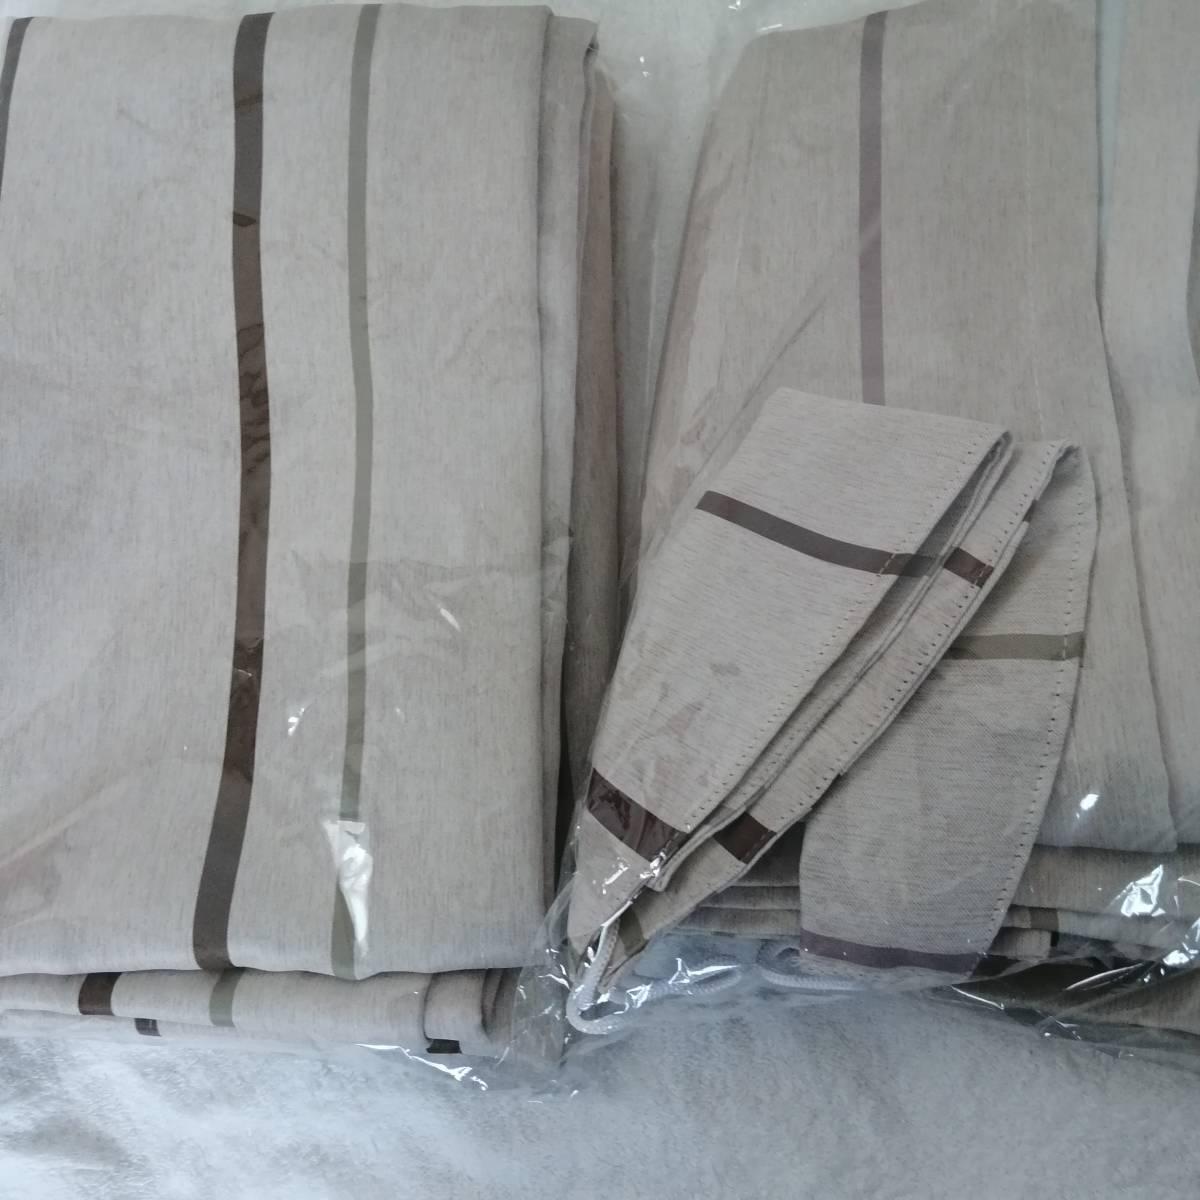 1級遮光遮熱北欧カーテン/レースカーテン 各2枚セット